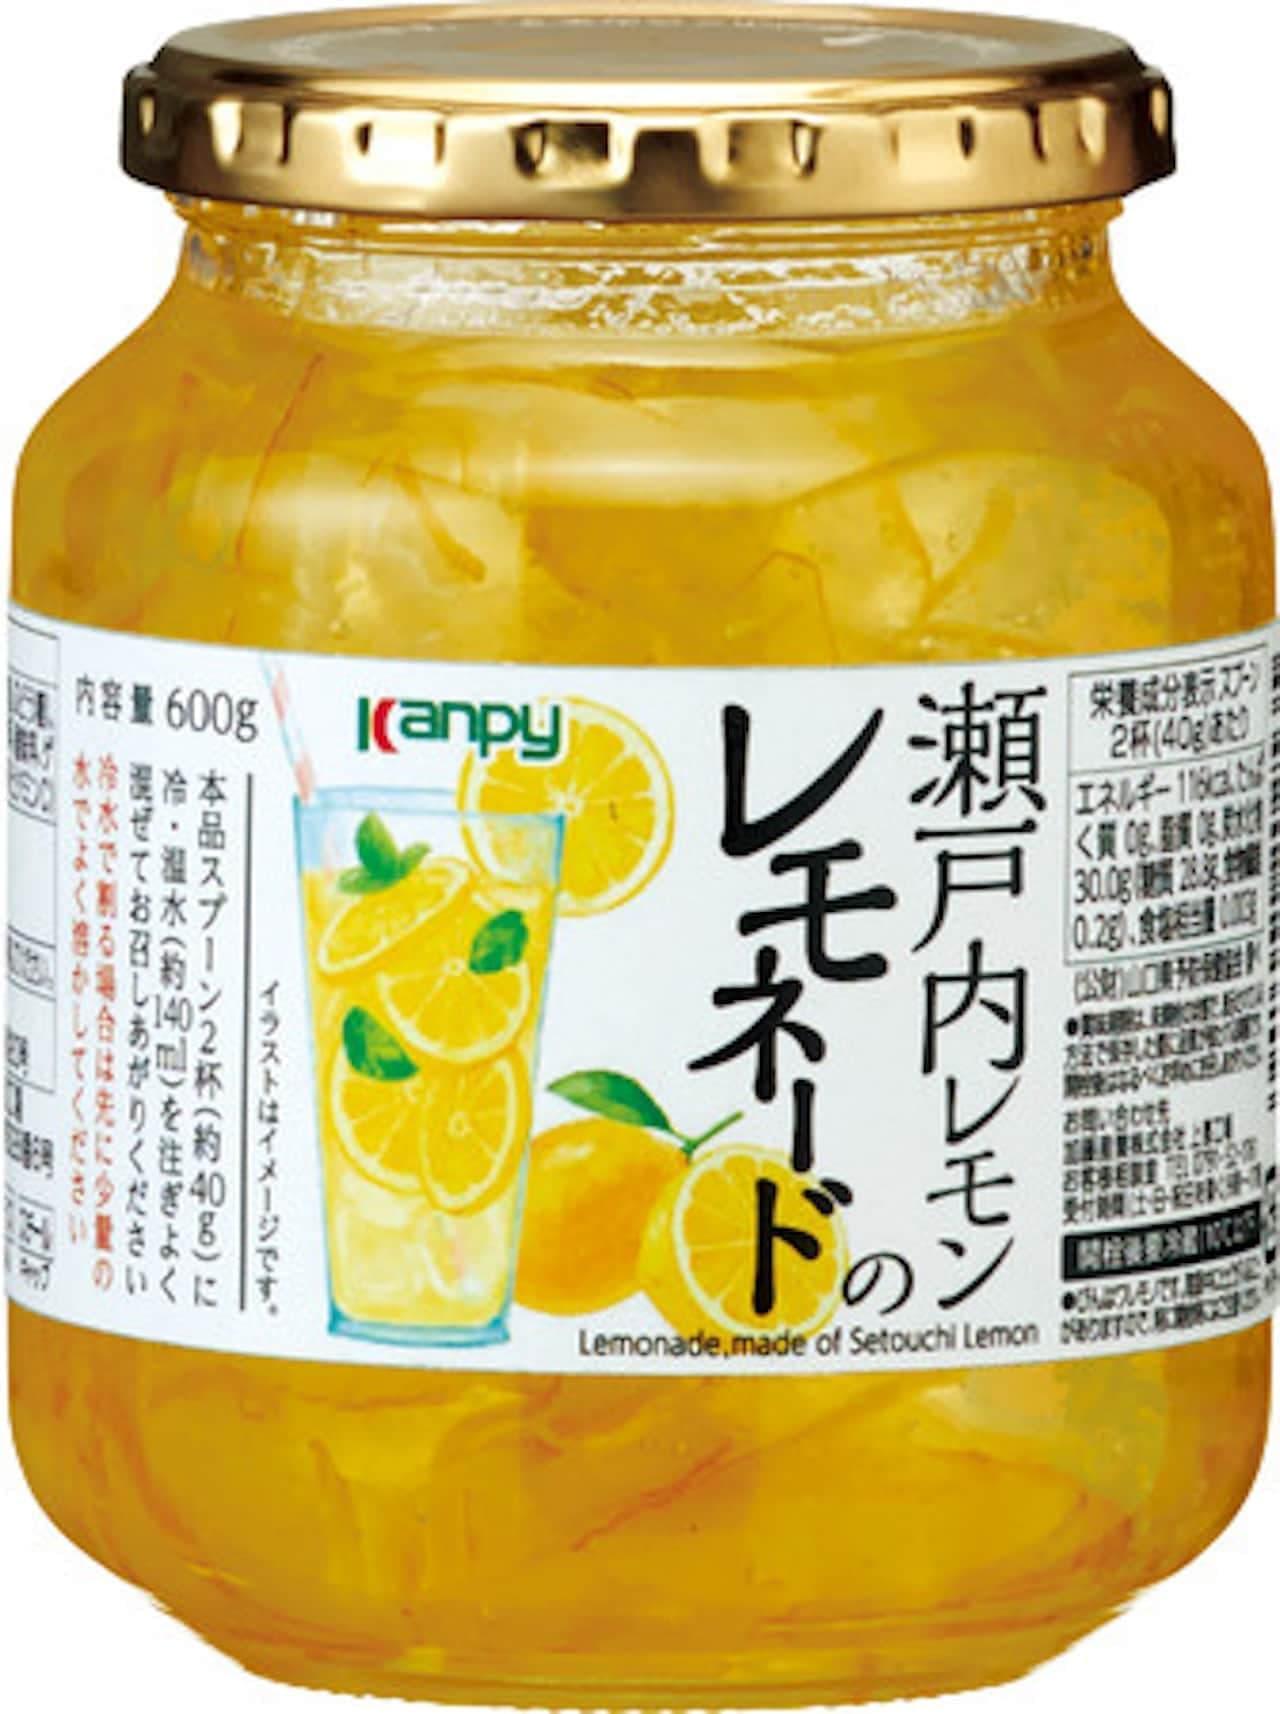 瀬戸内レモン使用「カンピー 瀬戸内レモンのレモネード」